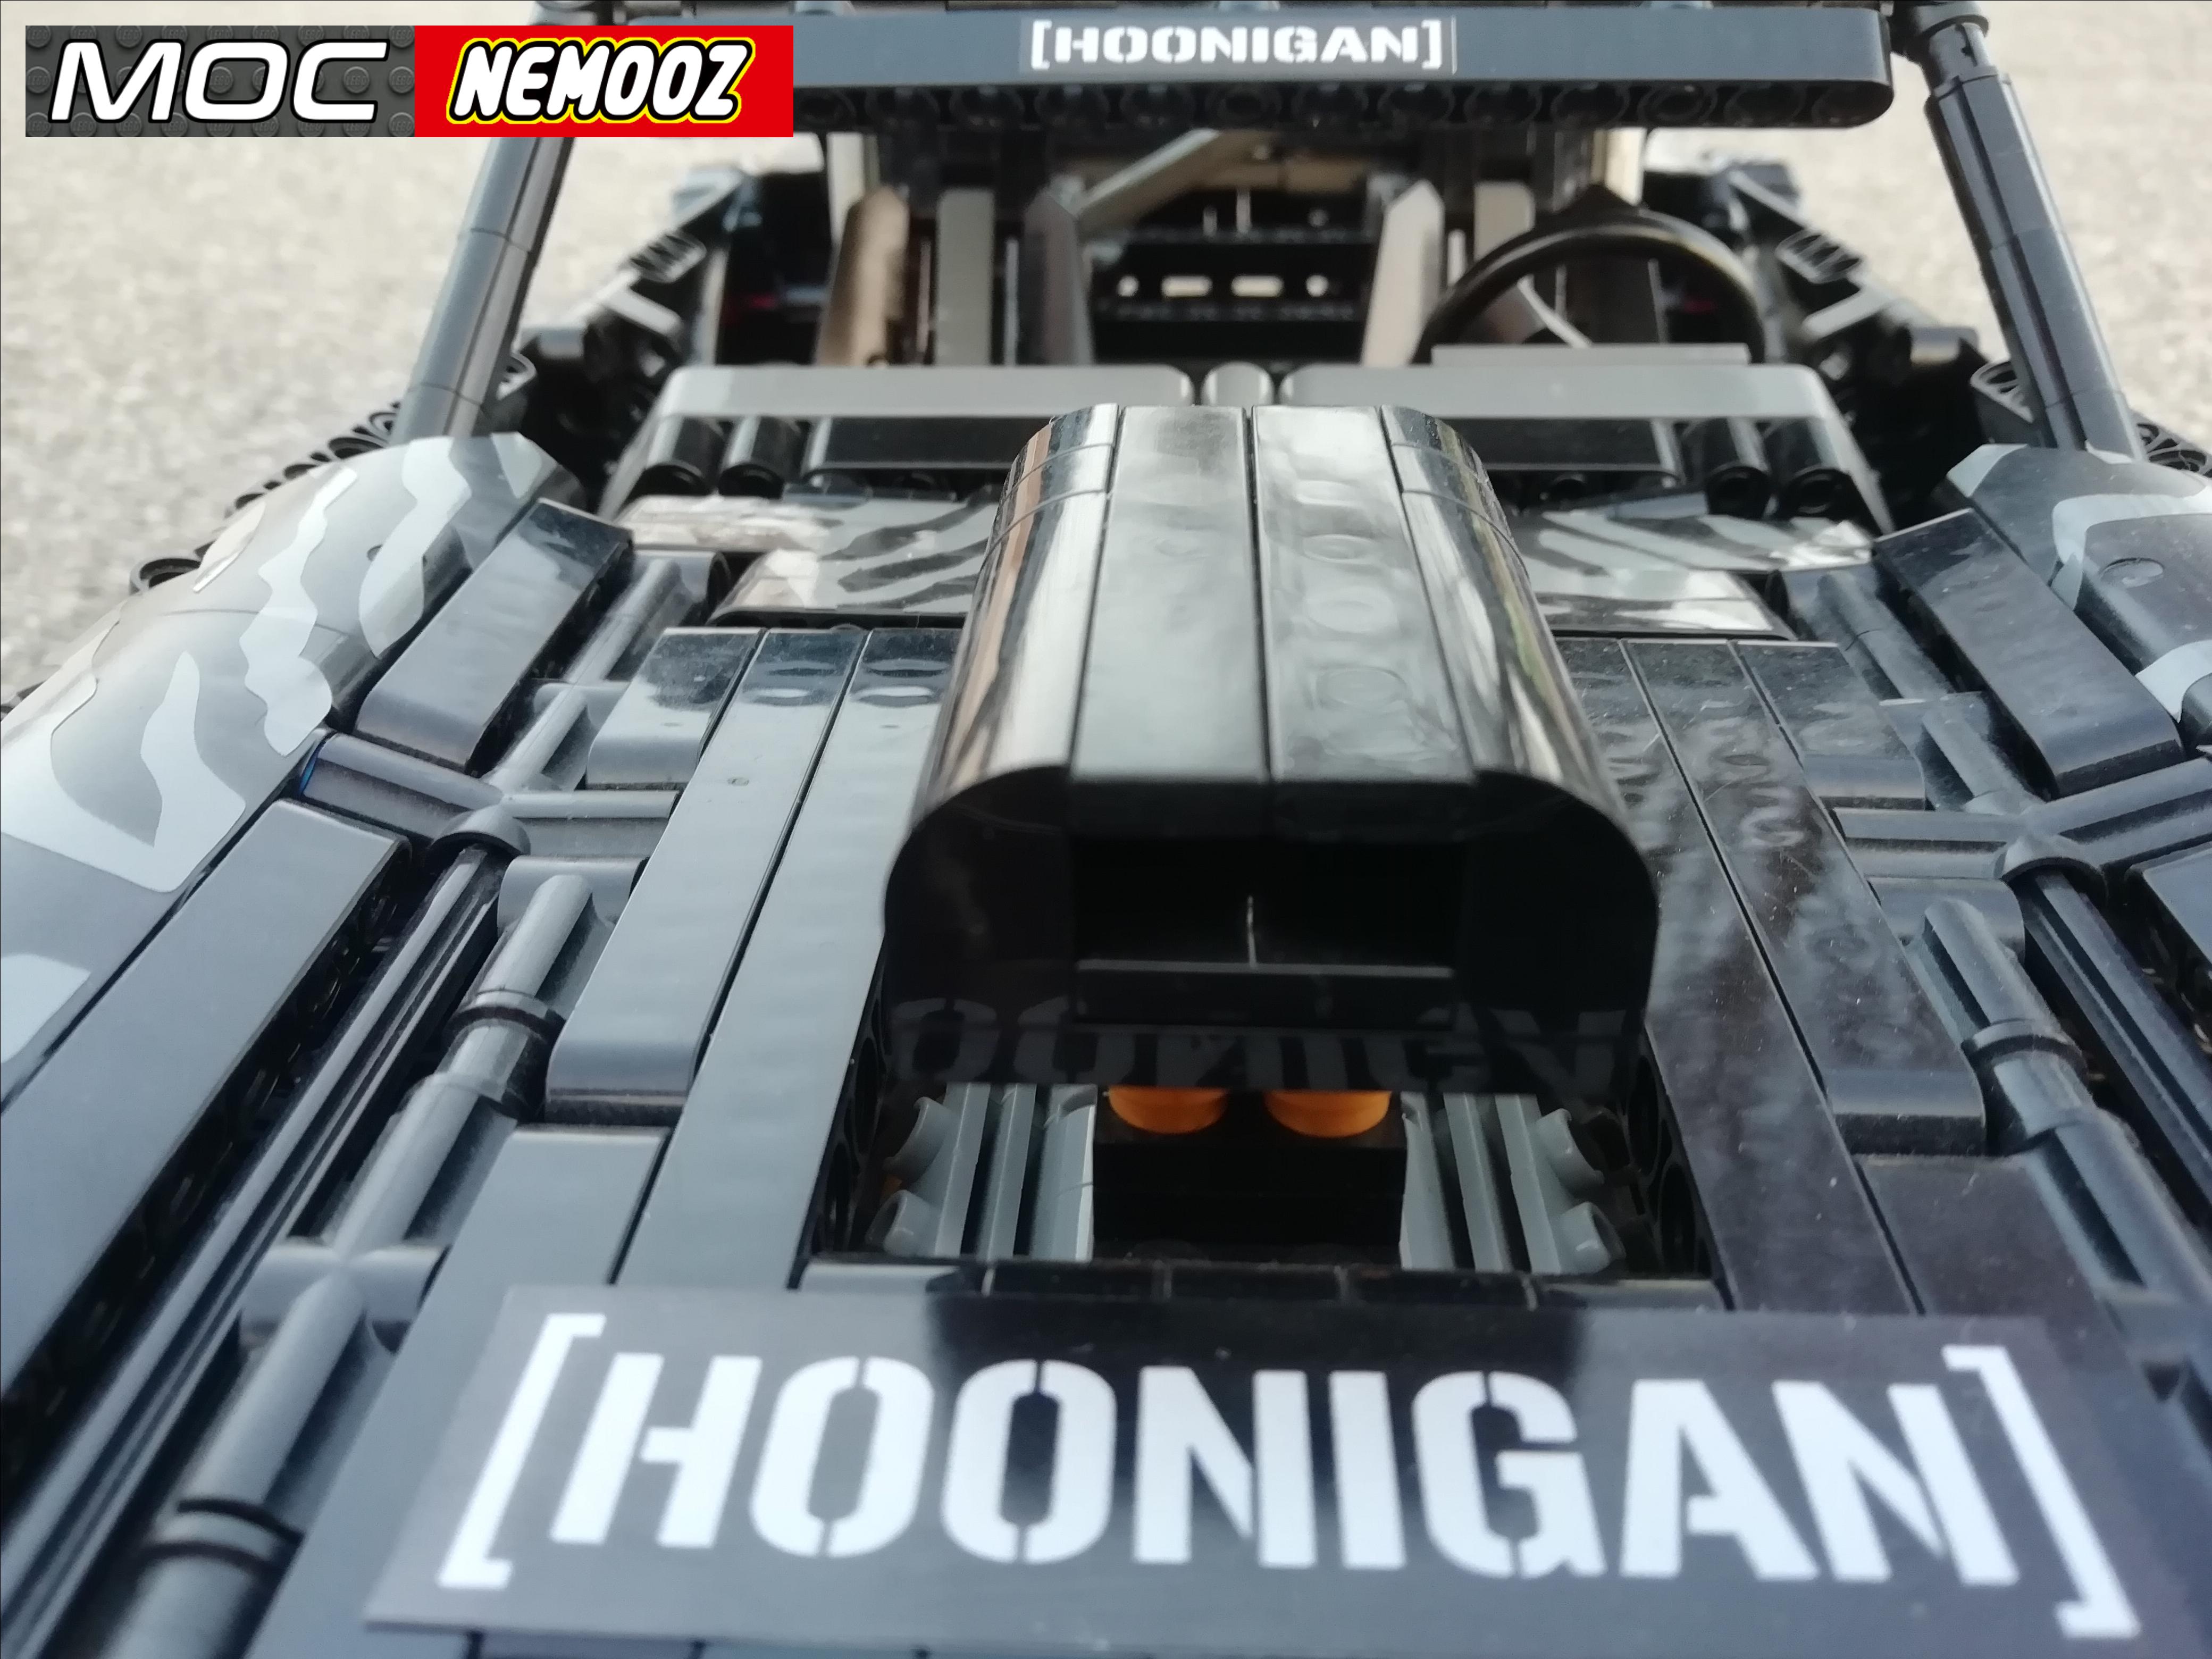 Mustang Hoonigan V1 Moc Nemooz Mustang Lego Technic Pony Car [ 3120 x 4160 Pixel ]